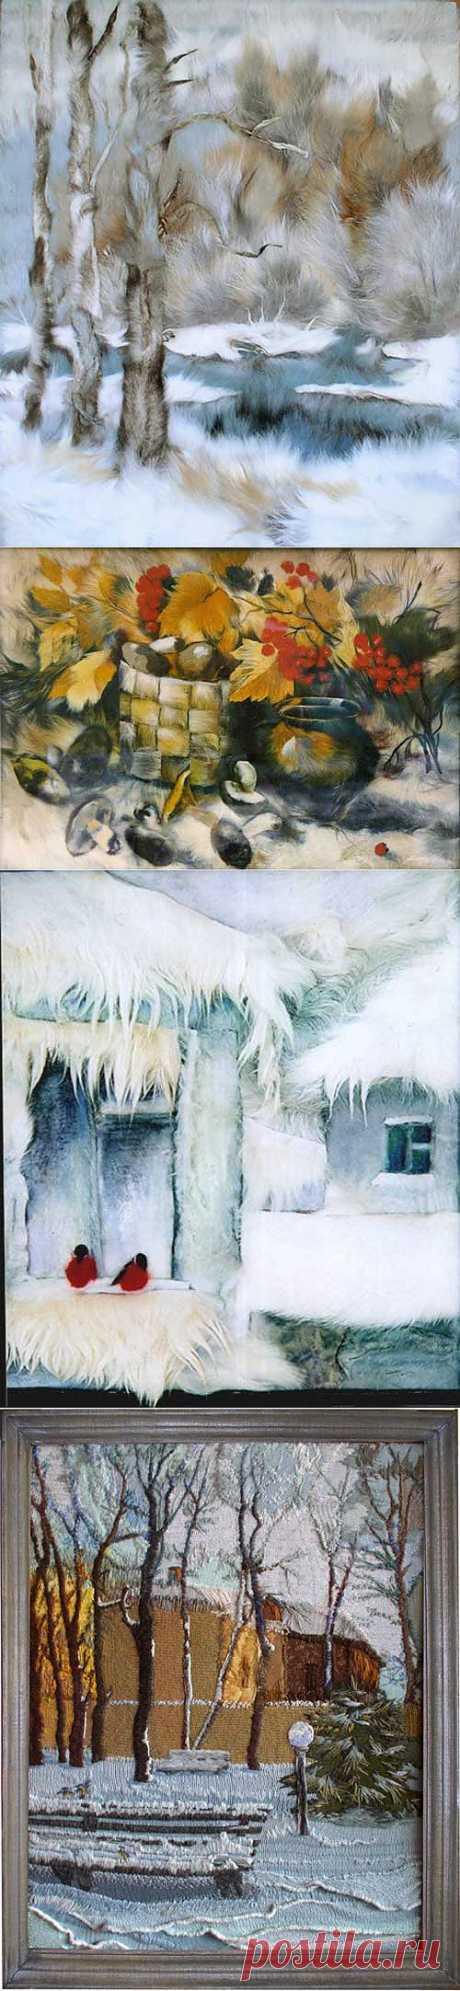 Картины из меха и трикотажа Елены Шмелевой | СВОИМИ РУКАМИ